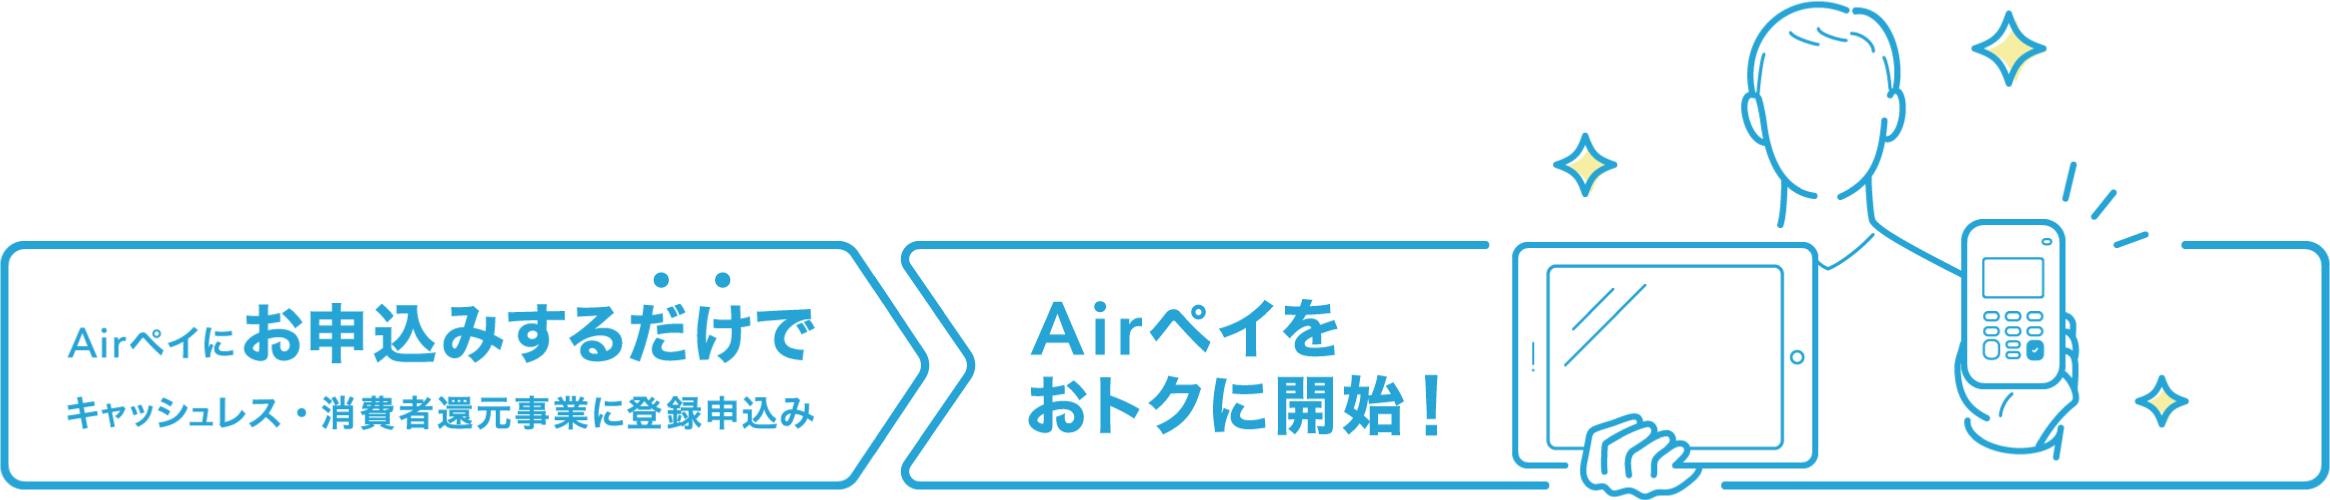 2019年4月より受付開始 消費者還元事業の申告→Airペイをお得に開始